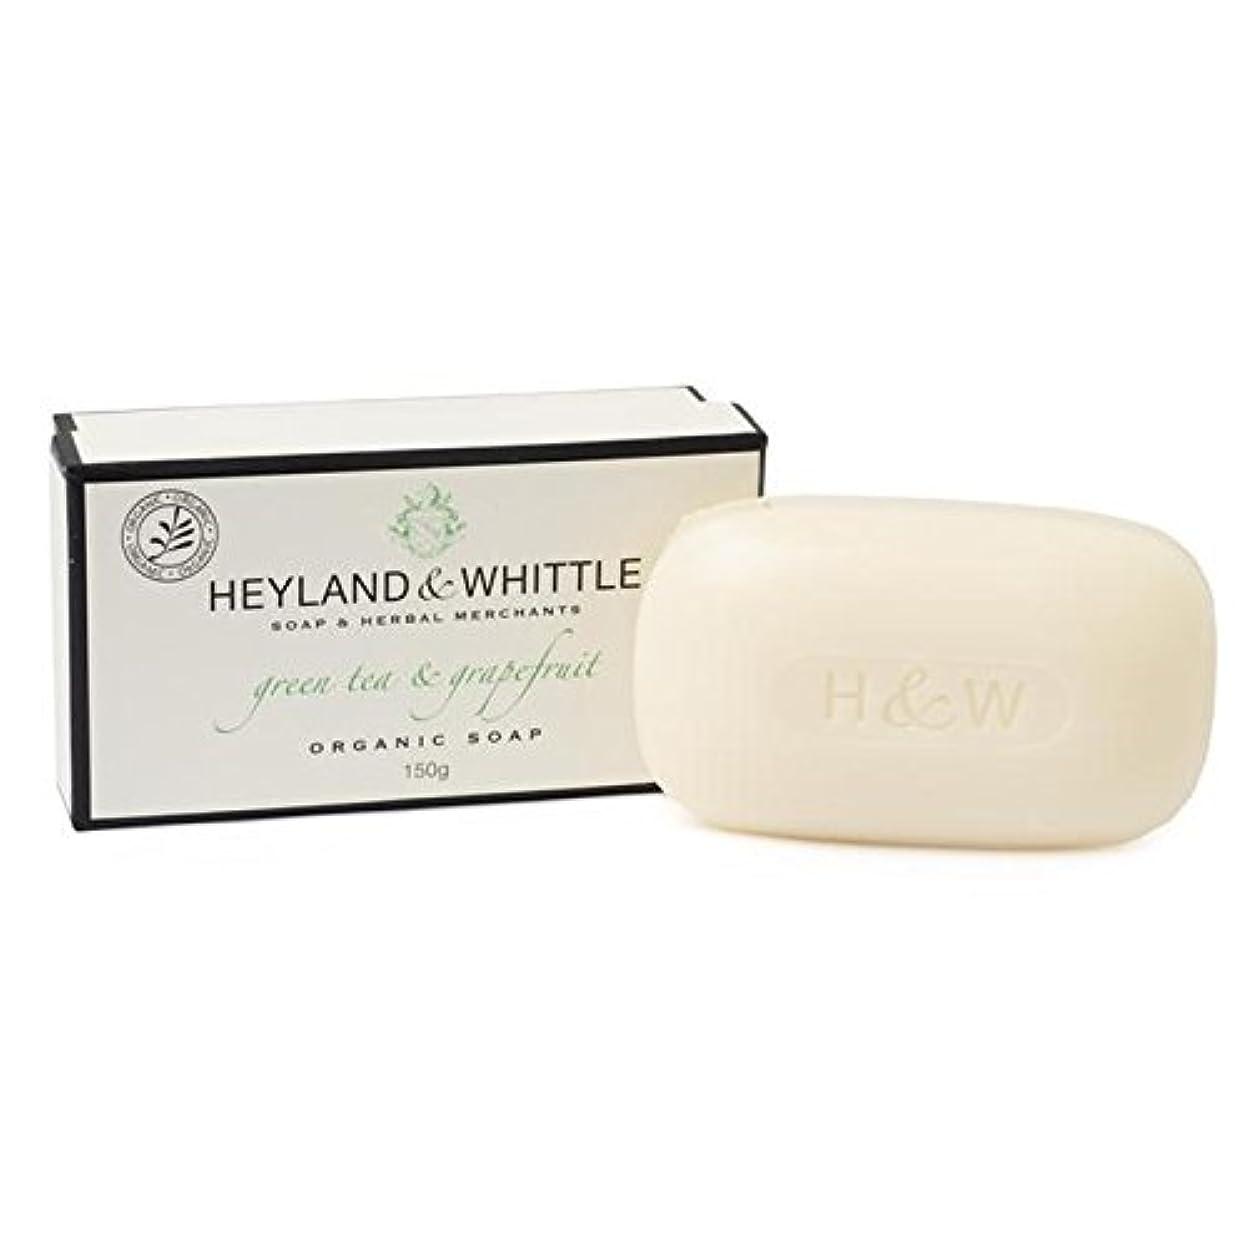 バックアップに話す在庫&削る緑茶&グレープフルーツはオーガニックソープ150グラム箱入り x4 - Heyland & Whittle Green Tea & Grapefruit Boxed Organic Soap 150g (Pack...